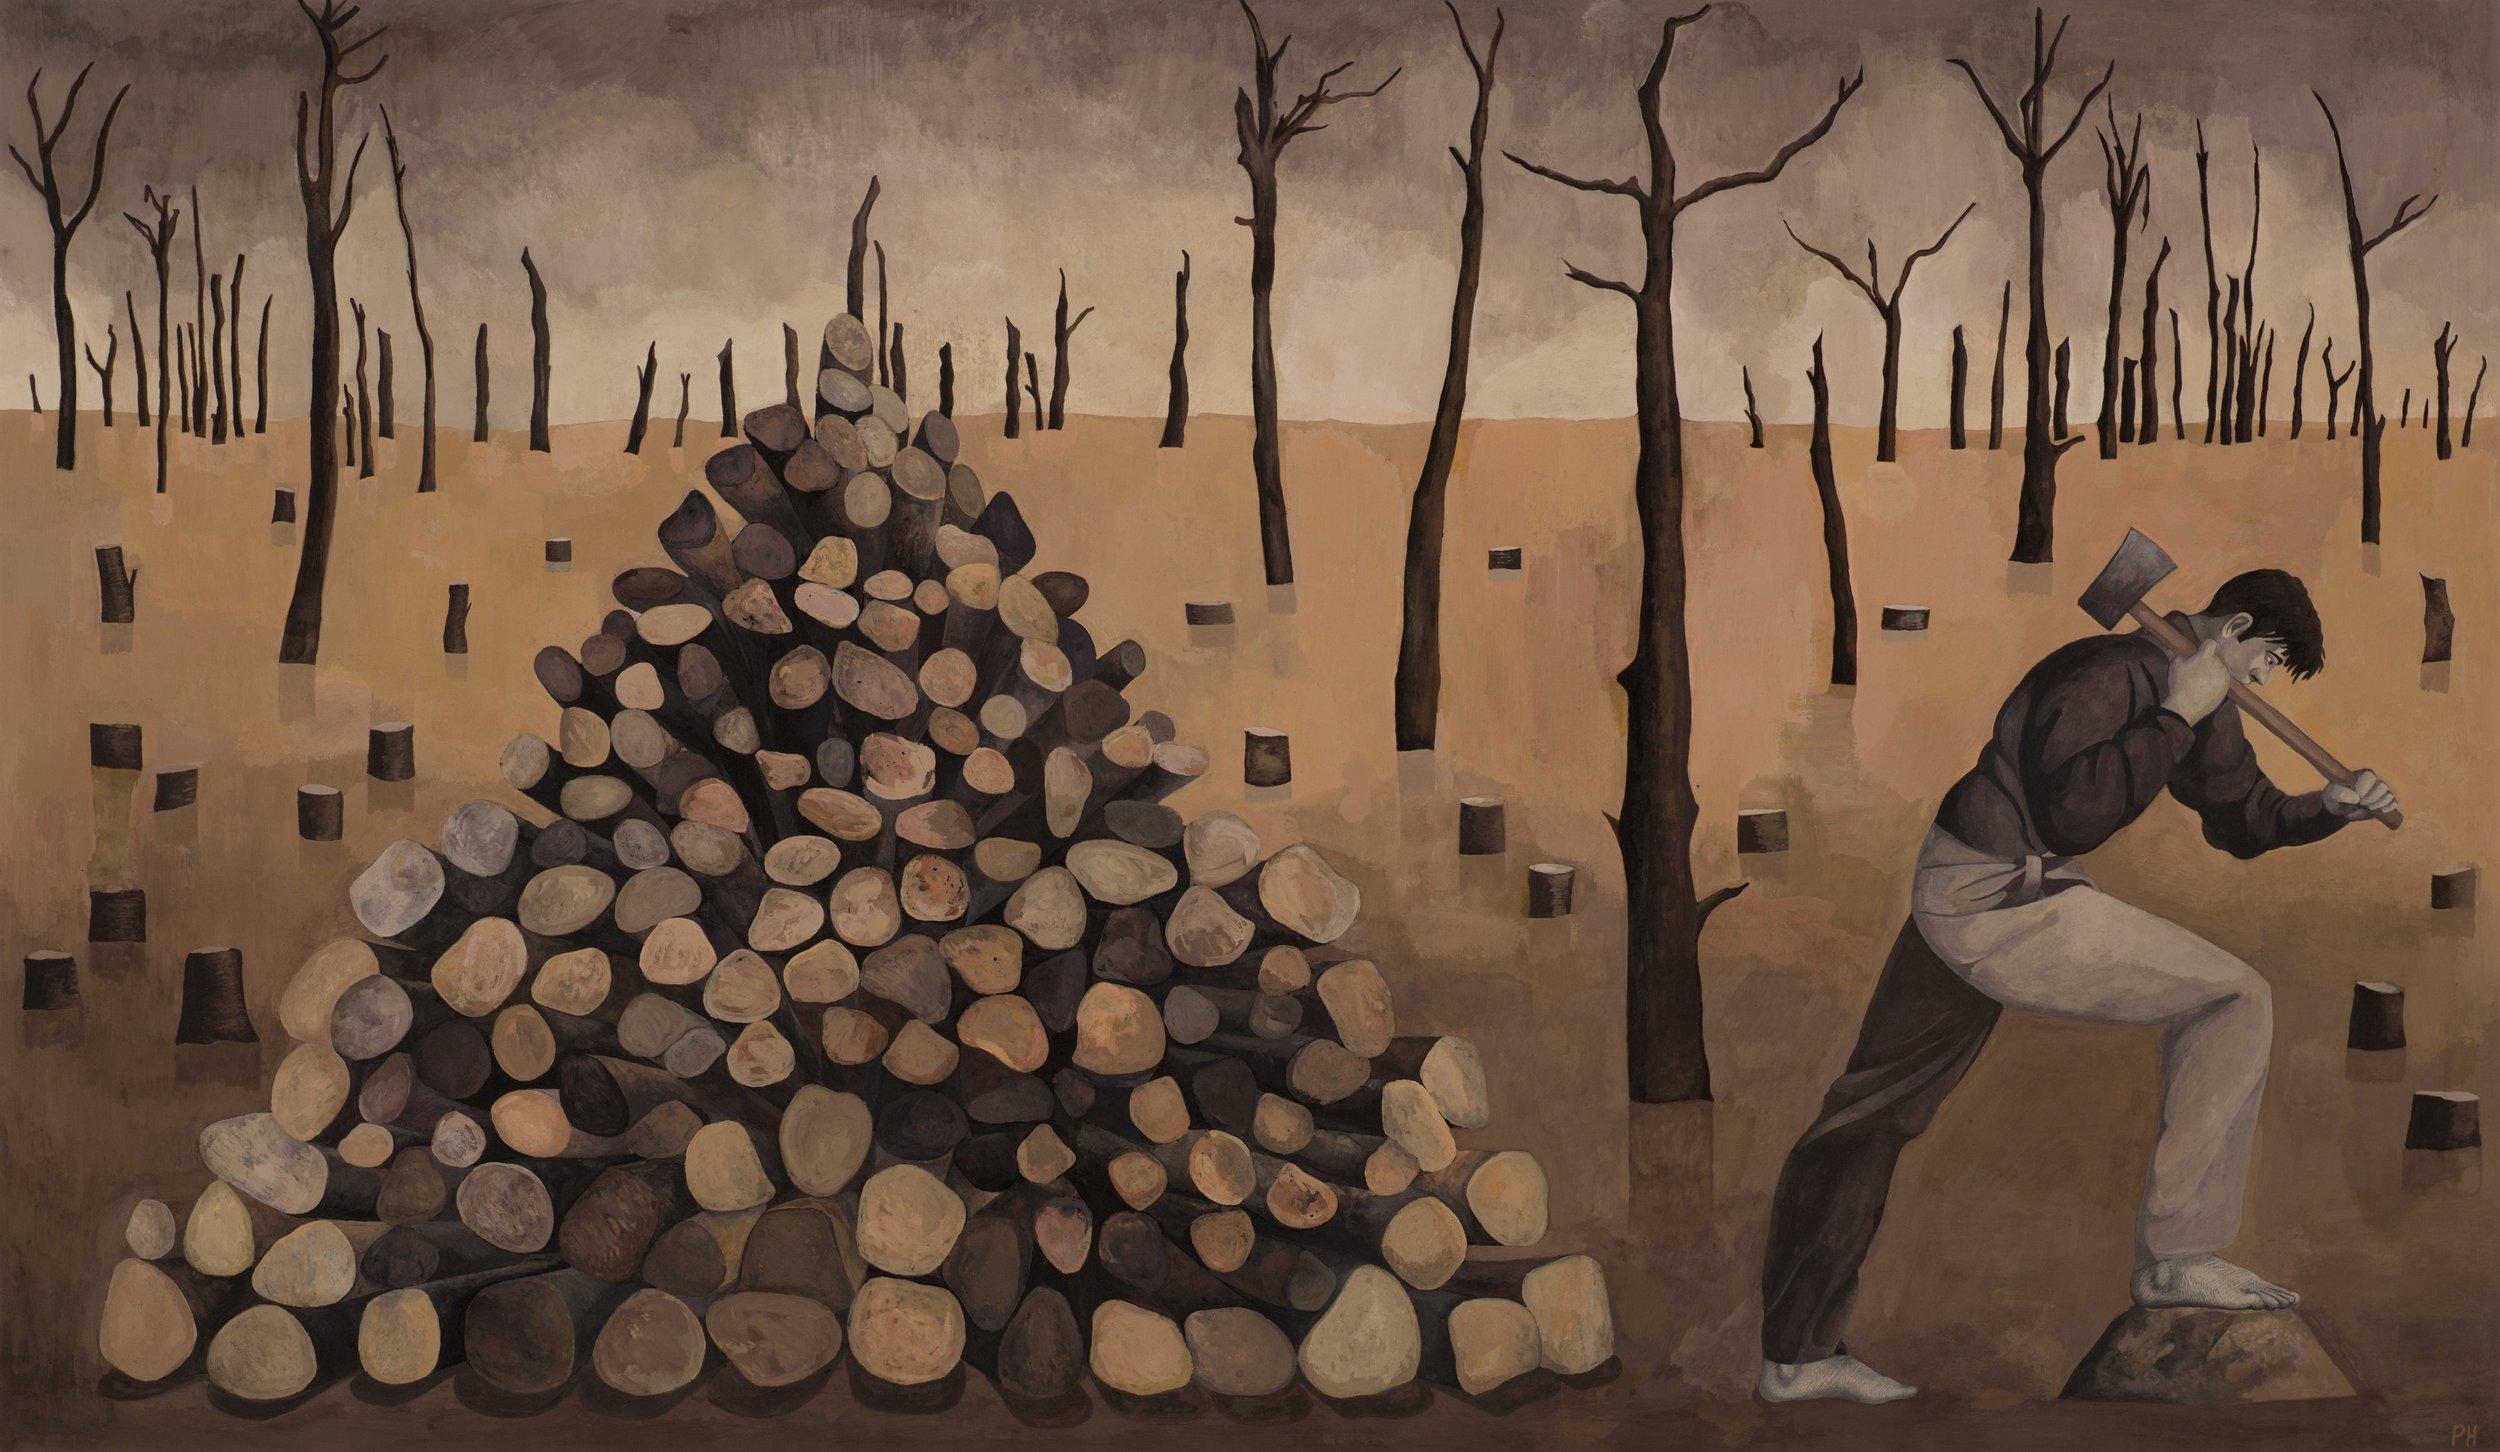 Paul Hogg, Woodcutter, Gouache on paper, 46cm x 80cm,  http://www.paul-hogg.com